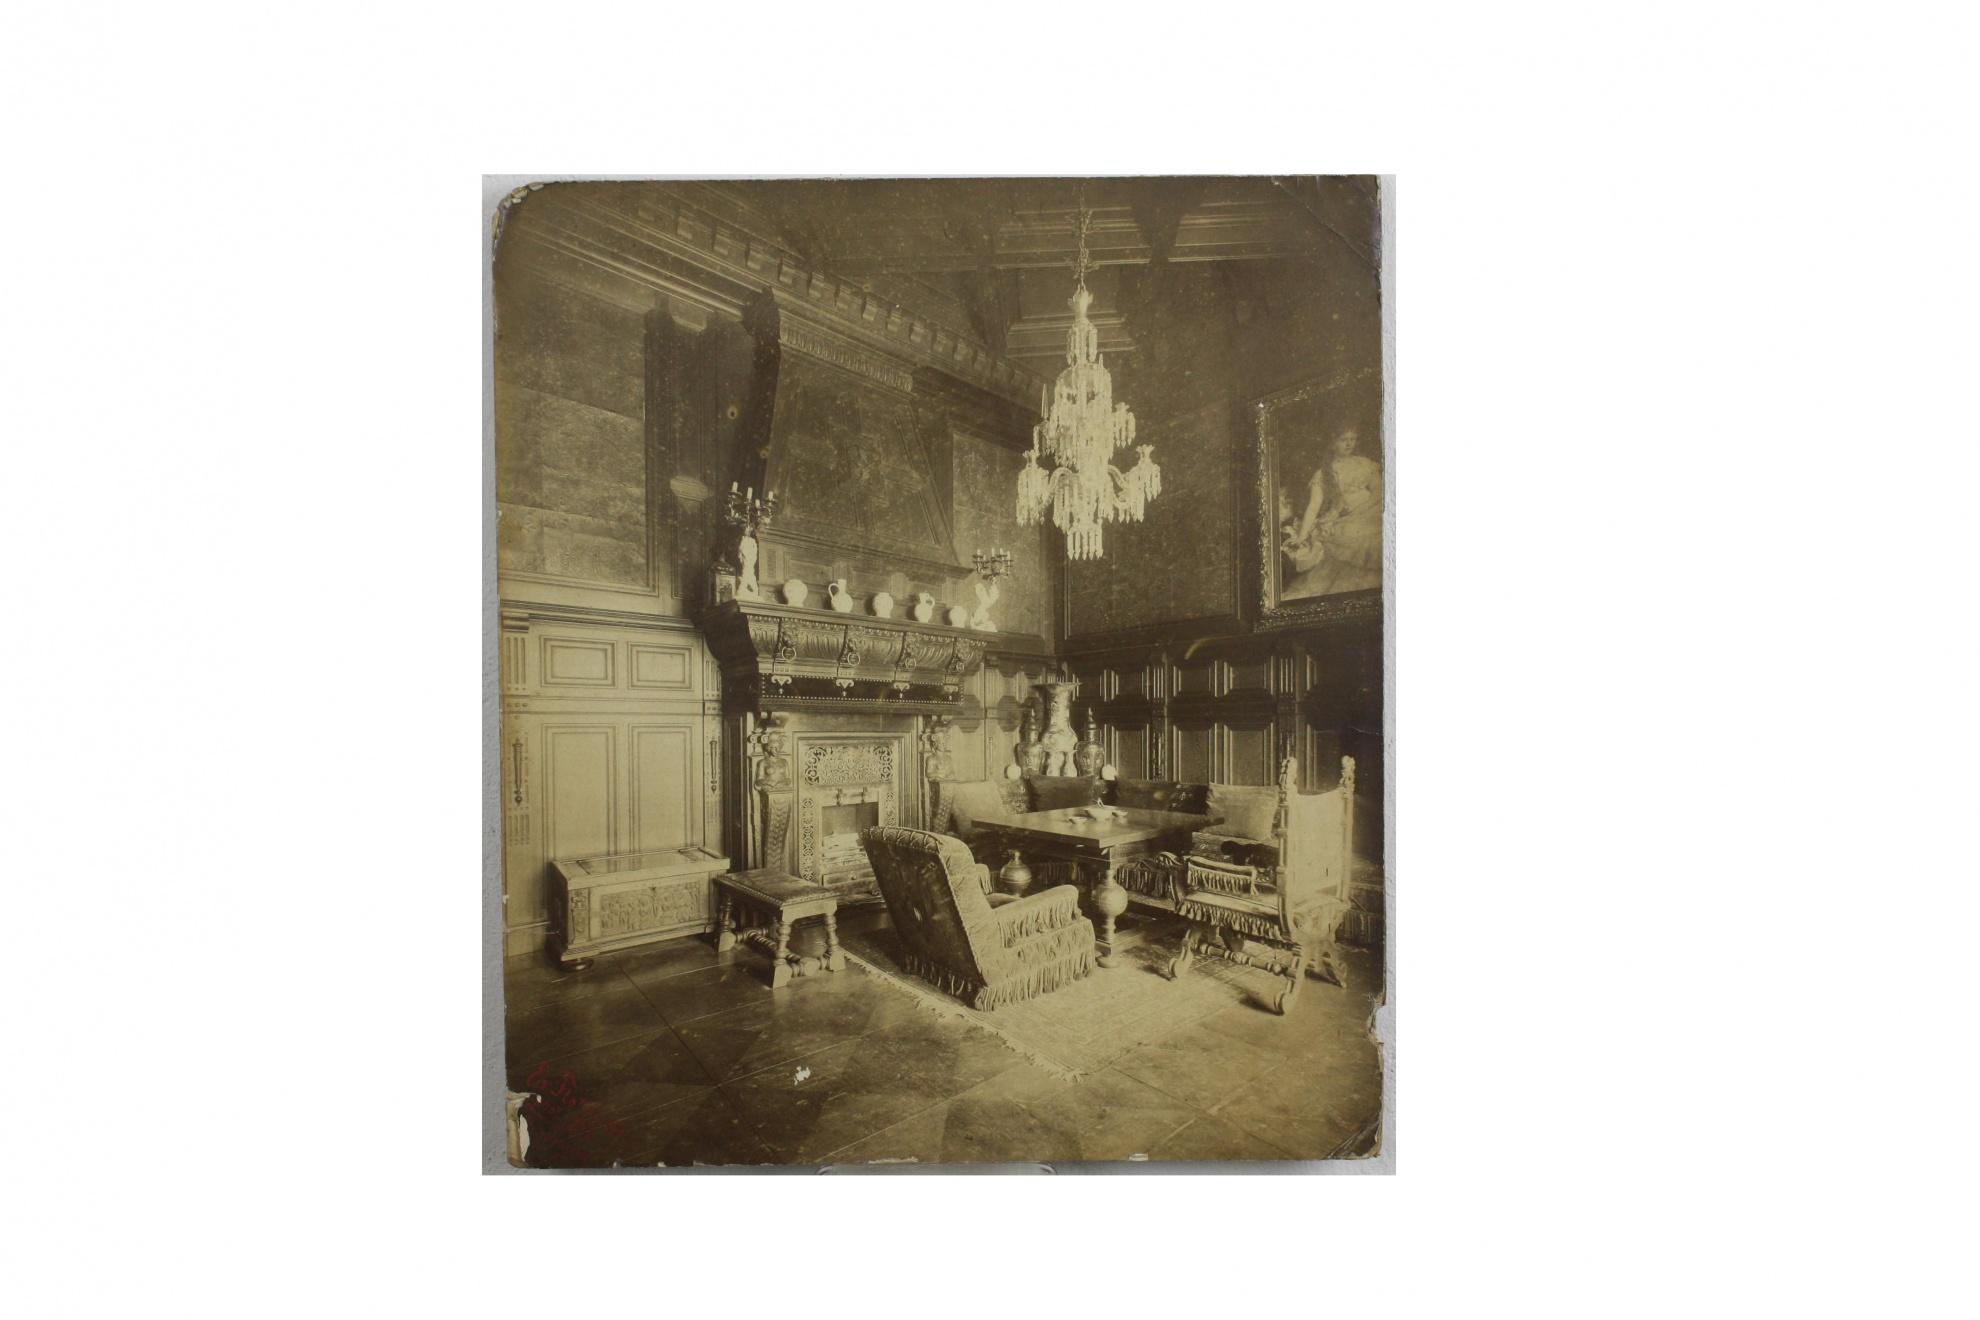 Fotografie, ohne Rahmen, Wohnraum :: Museum Wolmirstedt :: museum ...